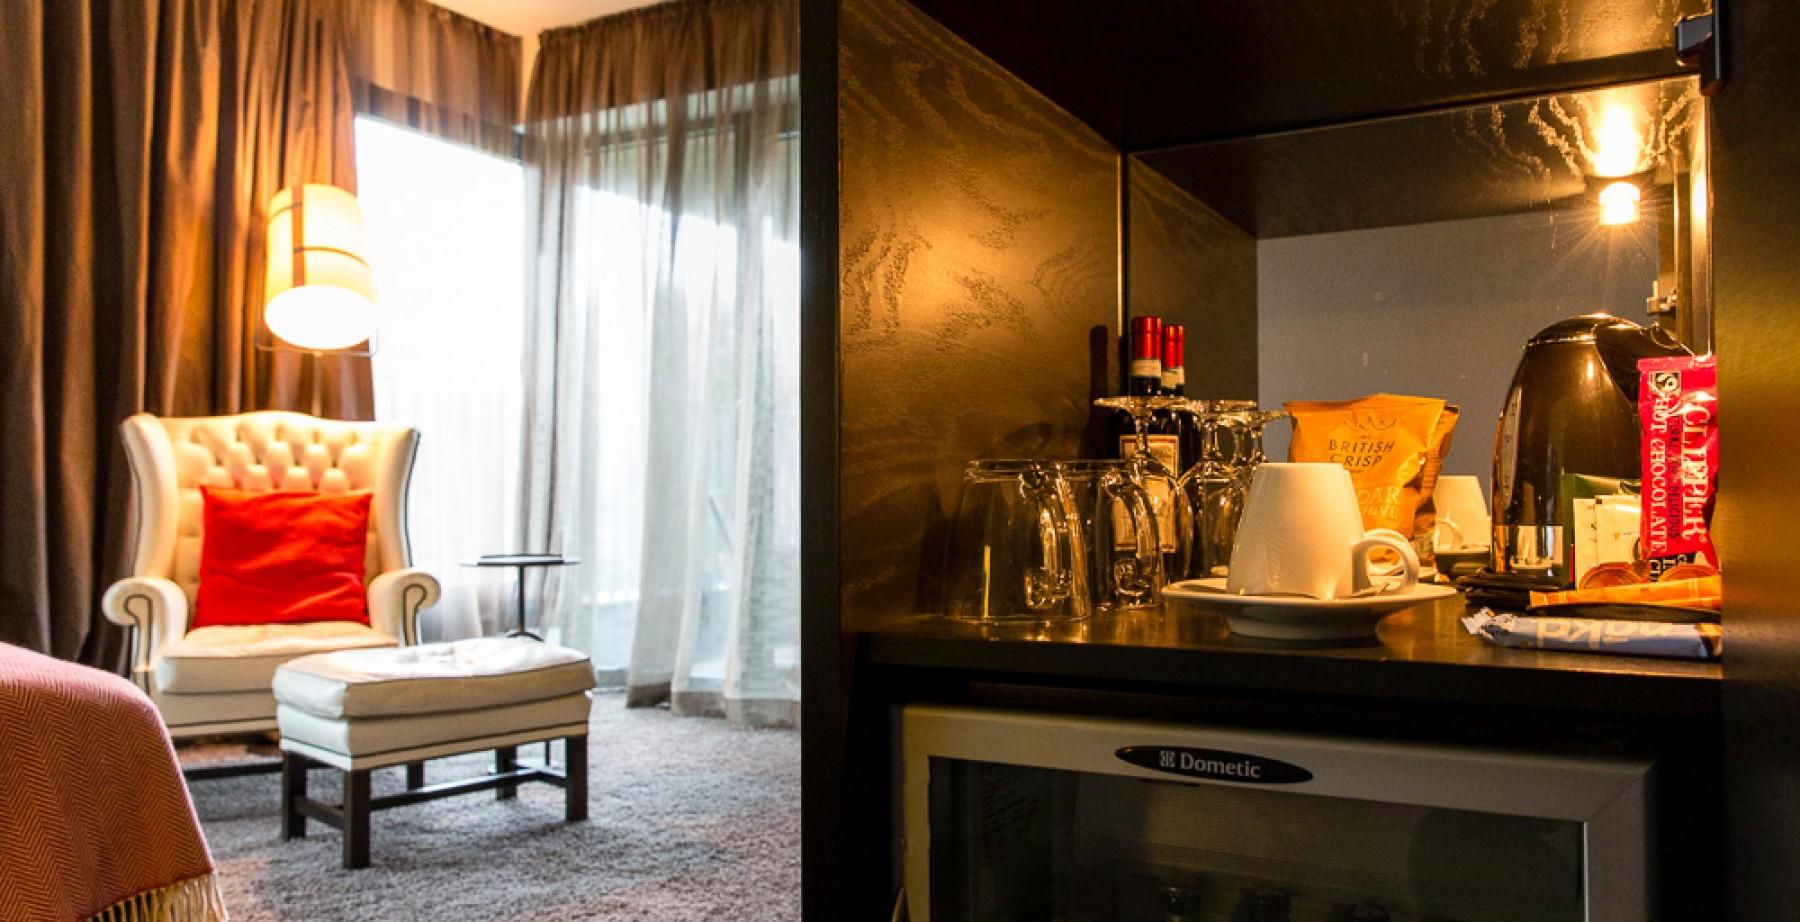 Minibar Als Kühlschrank Nutzen : 8 dinge die sie schon immer über die hotel minibar wissen wollten